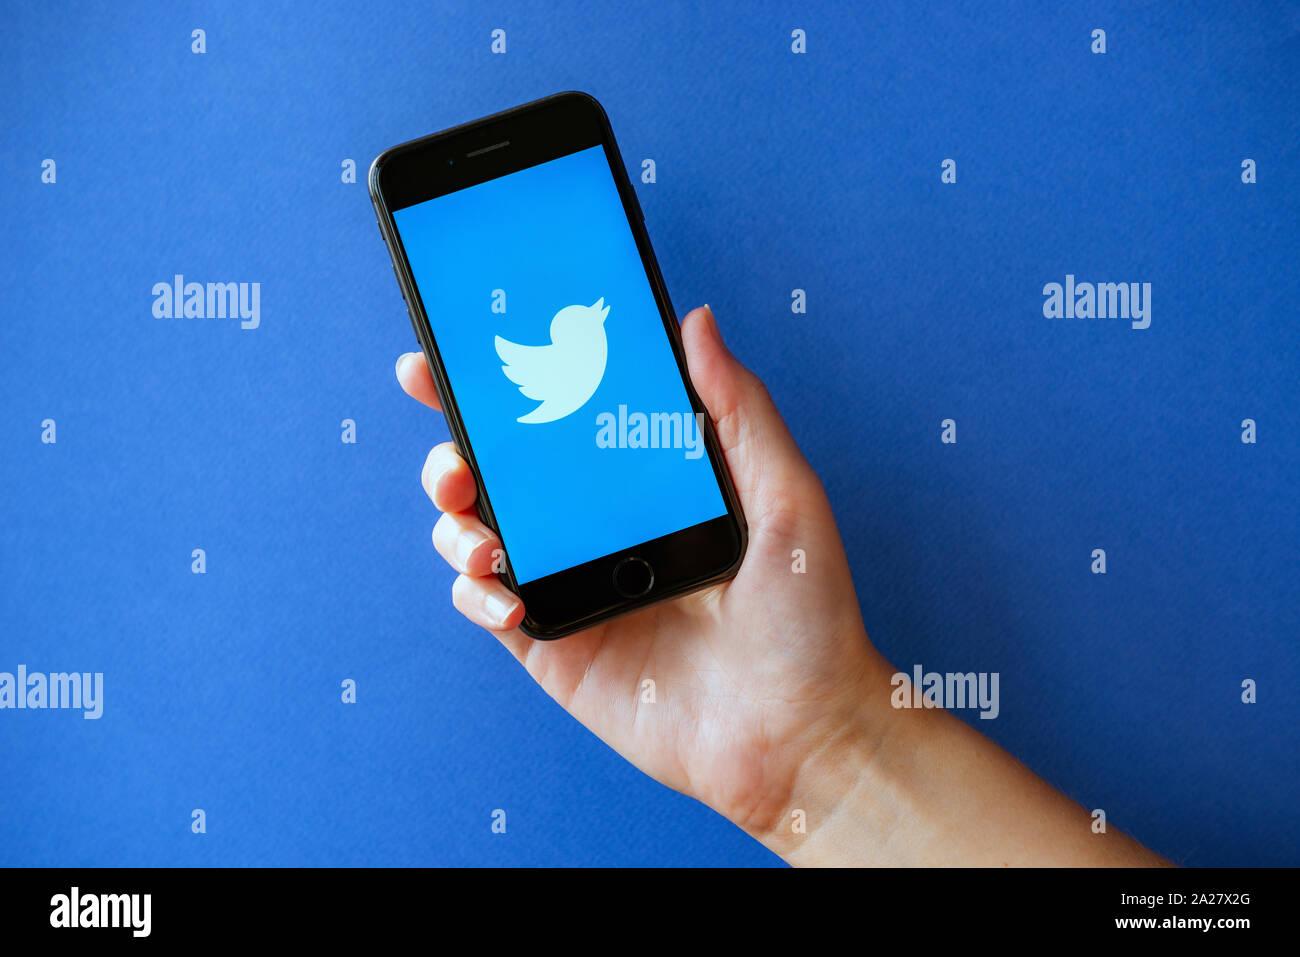 Kiev, Ukraine - 1 octobre 2019: Studio shot of hand holding Apple iPhone 8 avec Twitter logo sur un écran. Isolé sur un fond de papier bleu. Banque D'Images